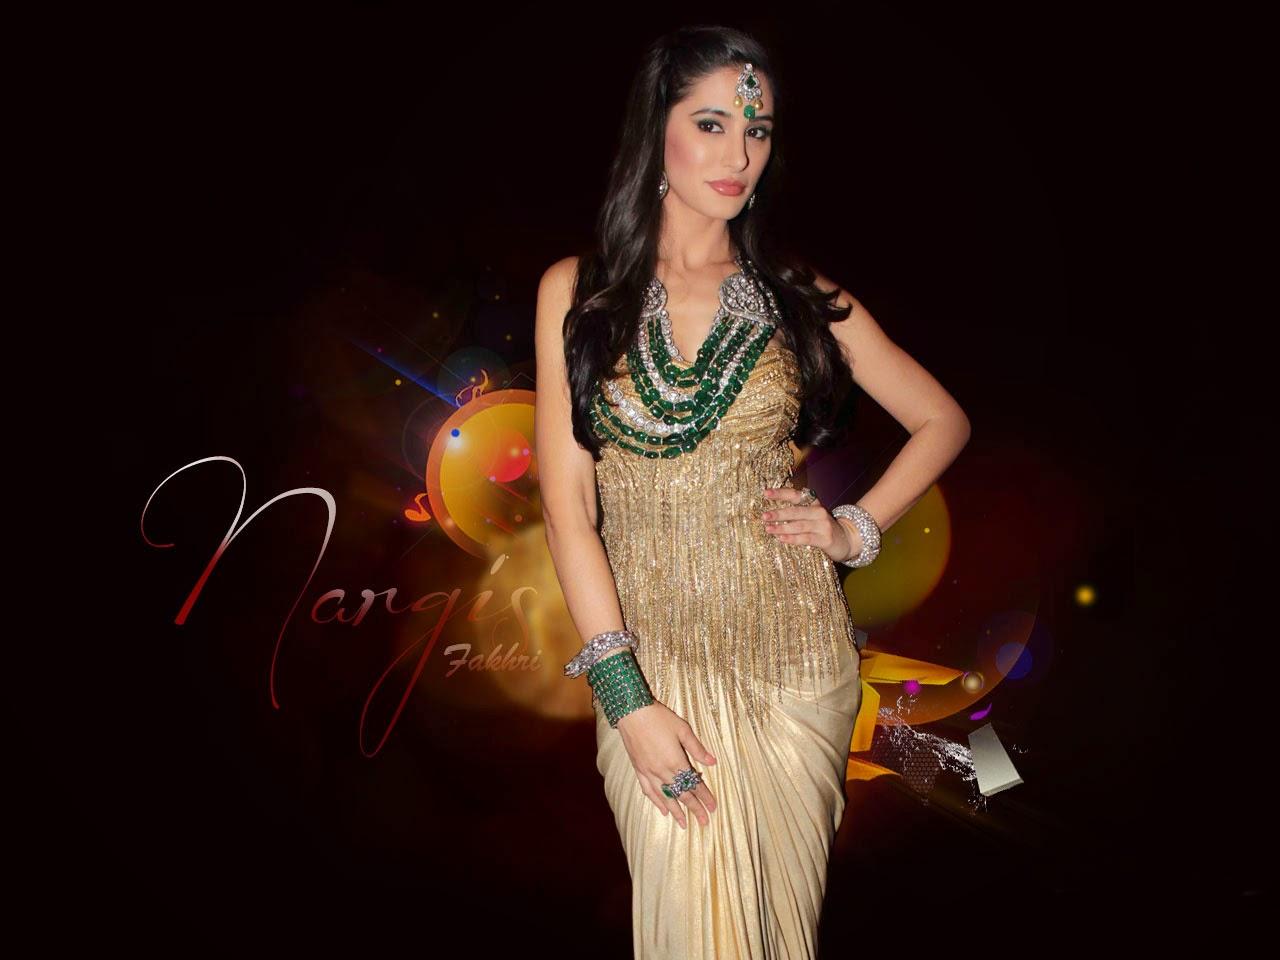 Celebrities Hd Wallpaper Download Nargis Fakhri Hd: Nargis Fakhri HD Wallpaper